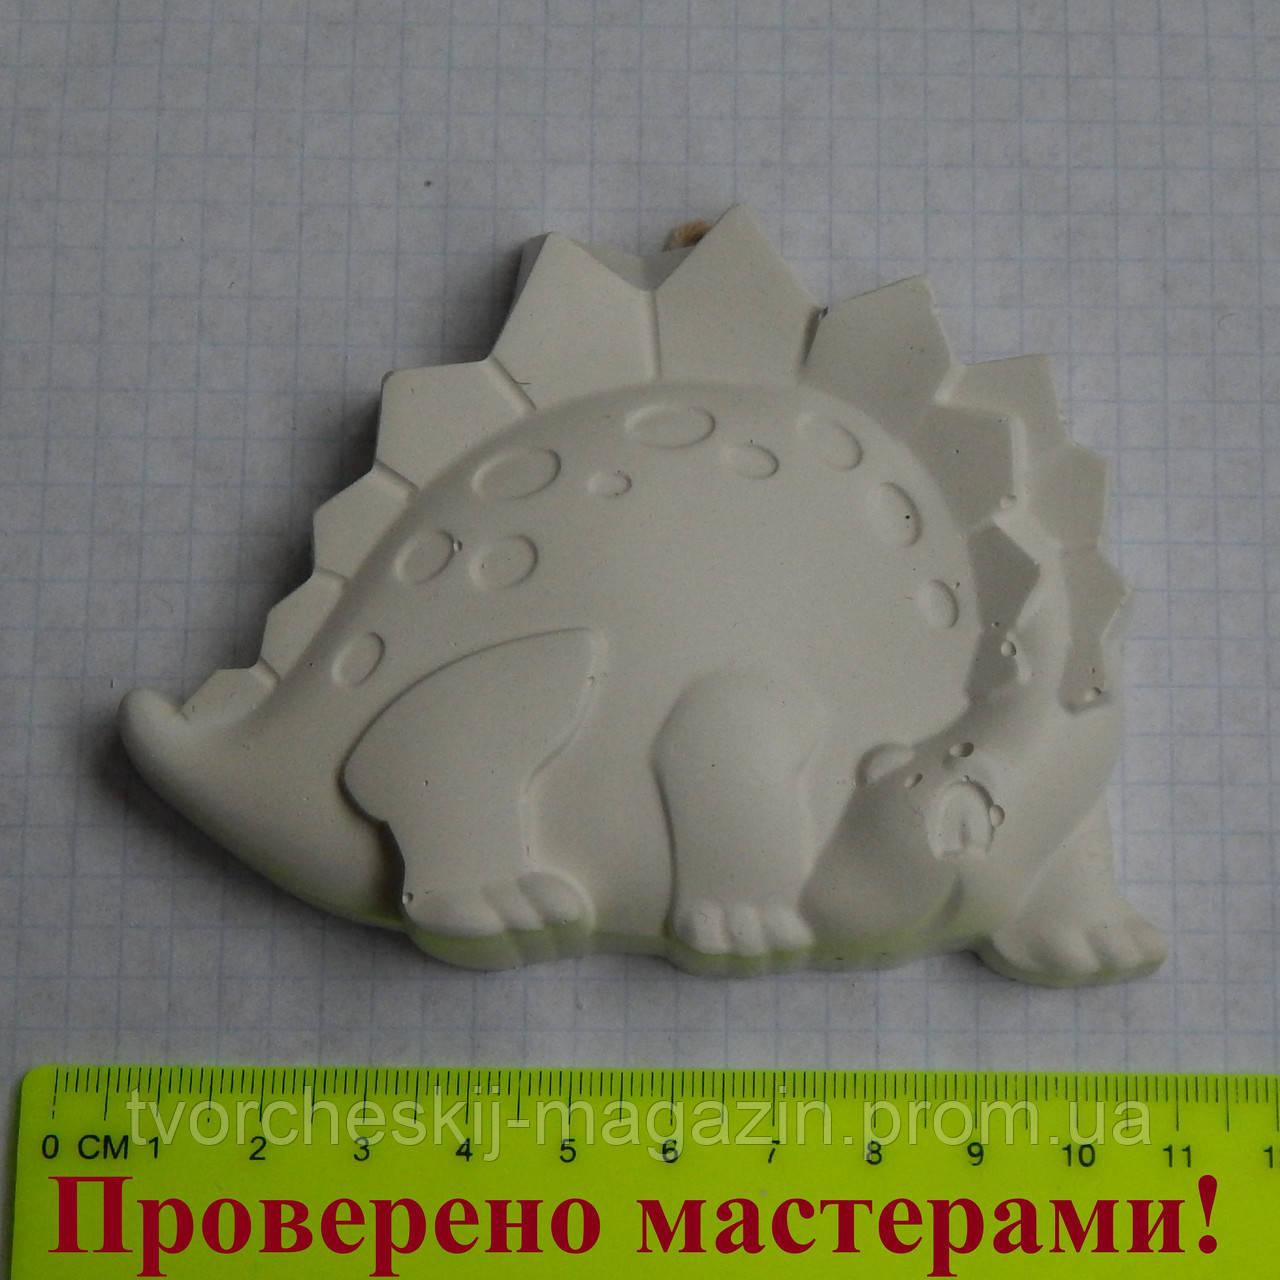 Фигурка из гипса. Гипсовая фигурка для раскрашивания Динозавр 1